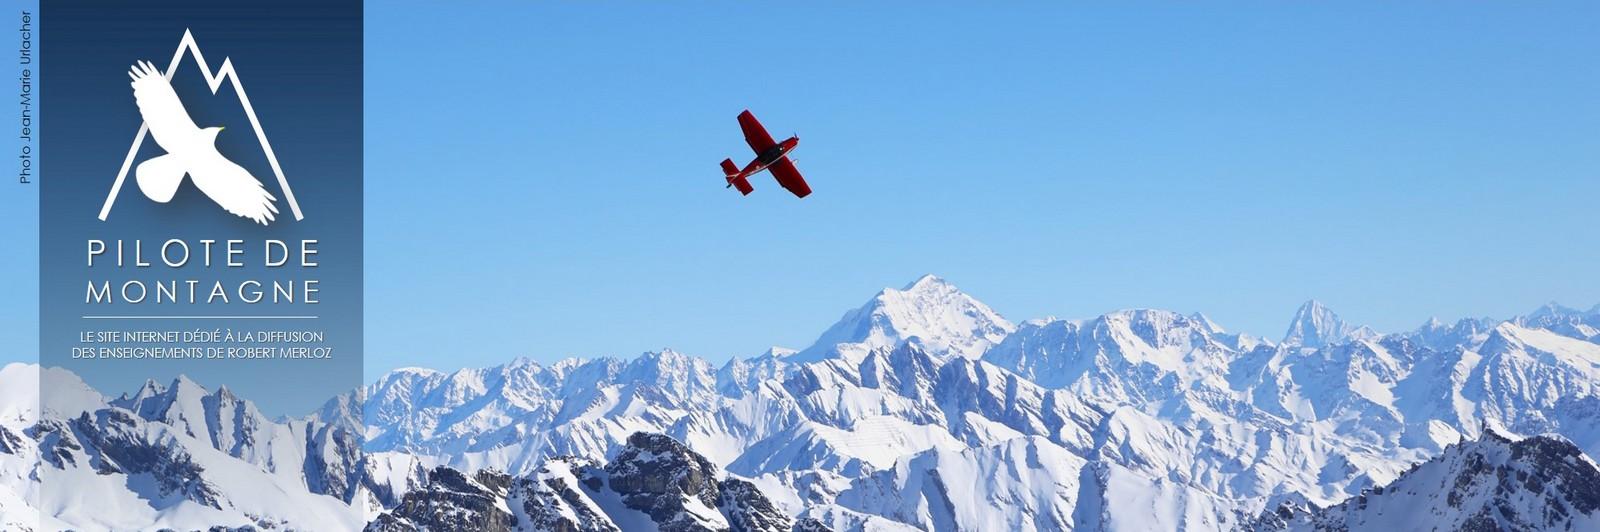 Pilote de montagne